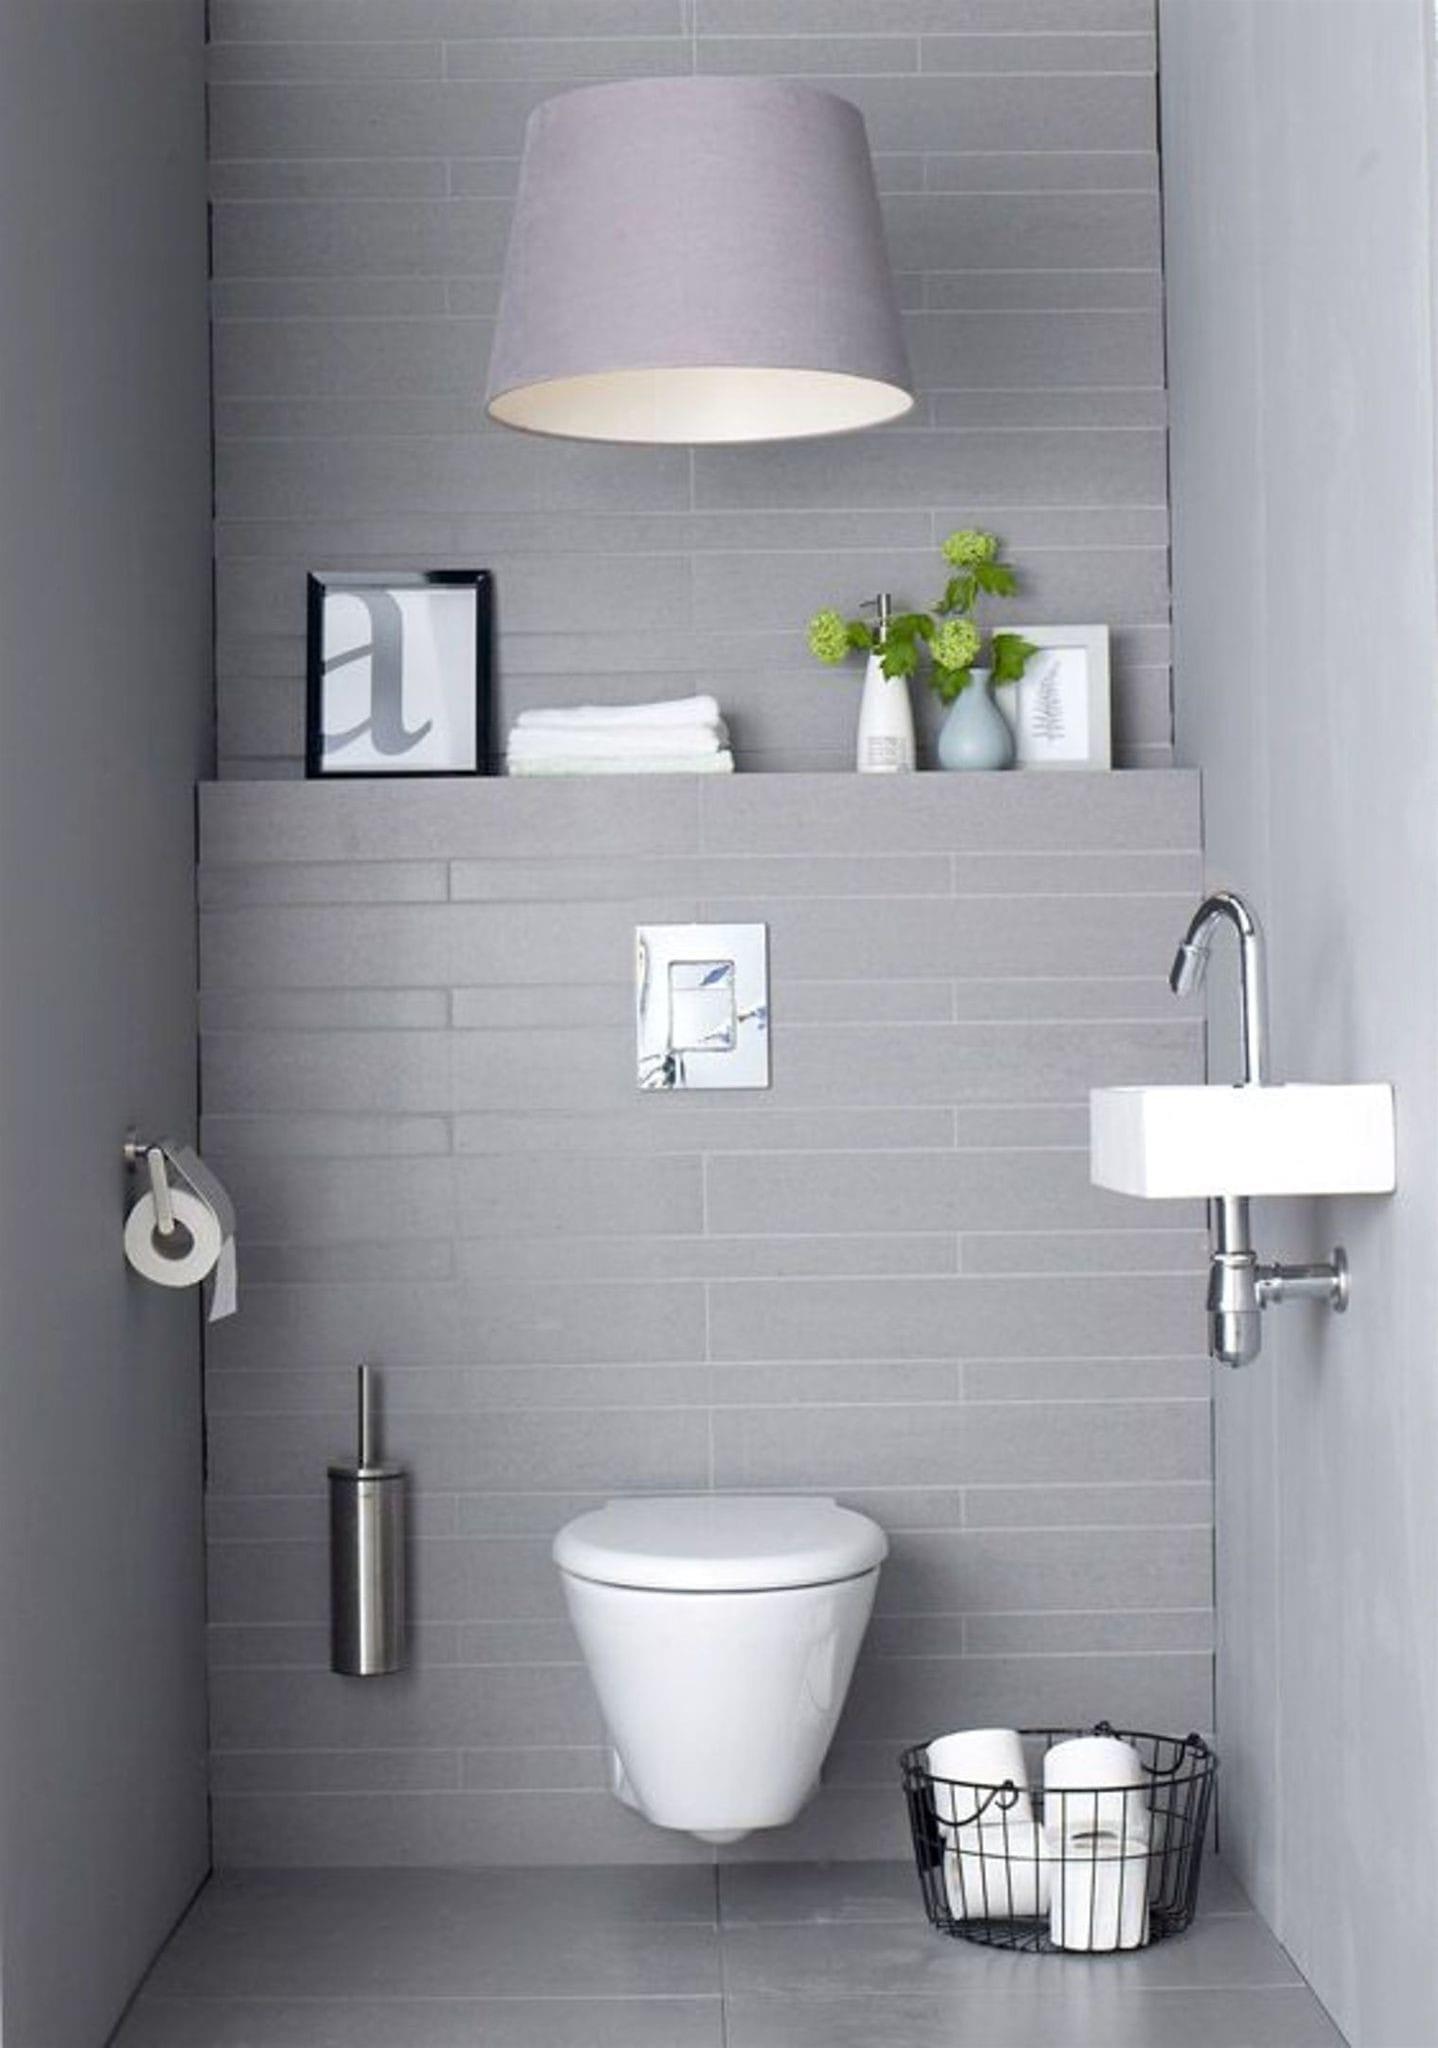 Comment Decorer Les Wc déco de toilettes originales : 31 idées pour décorer vos wc